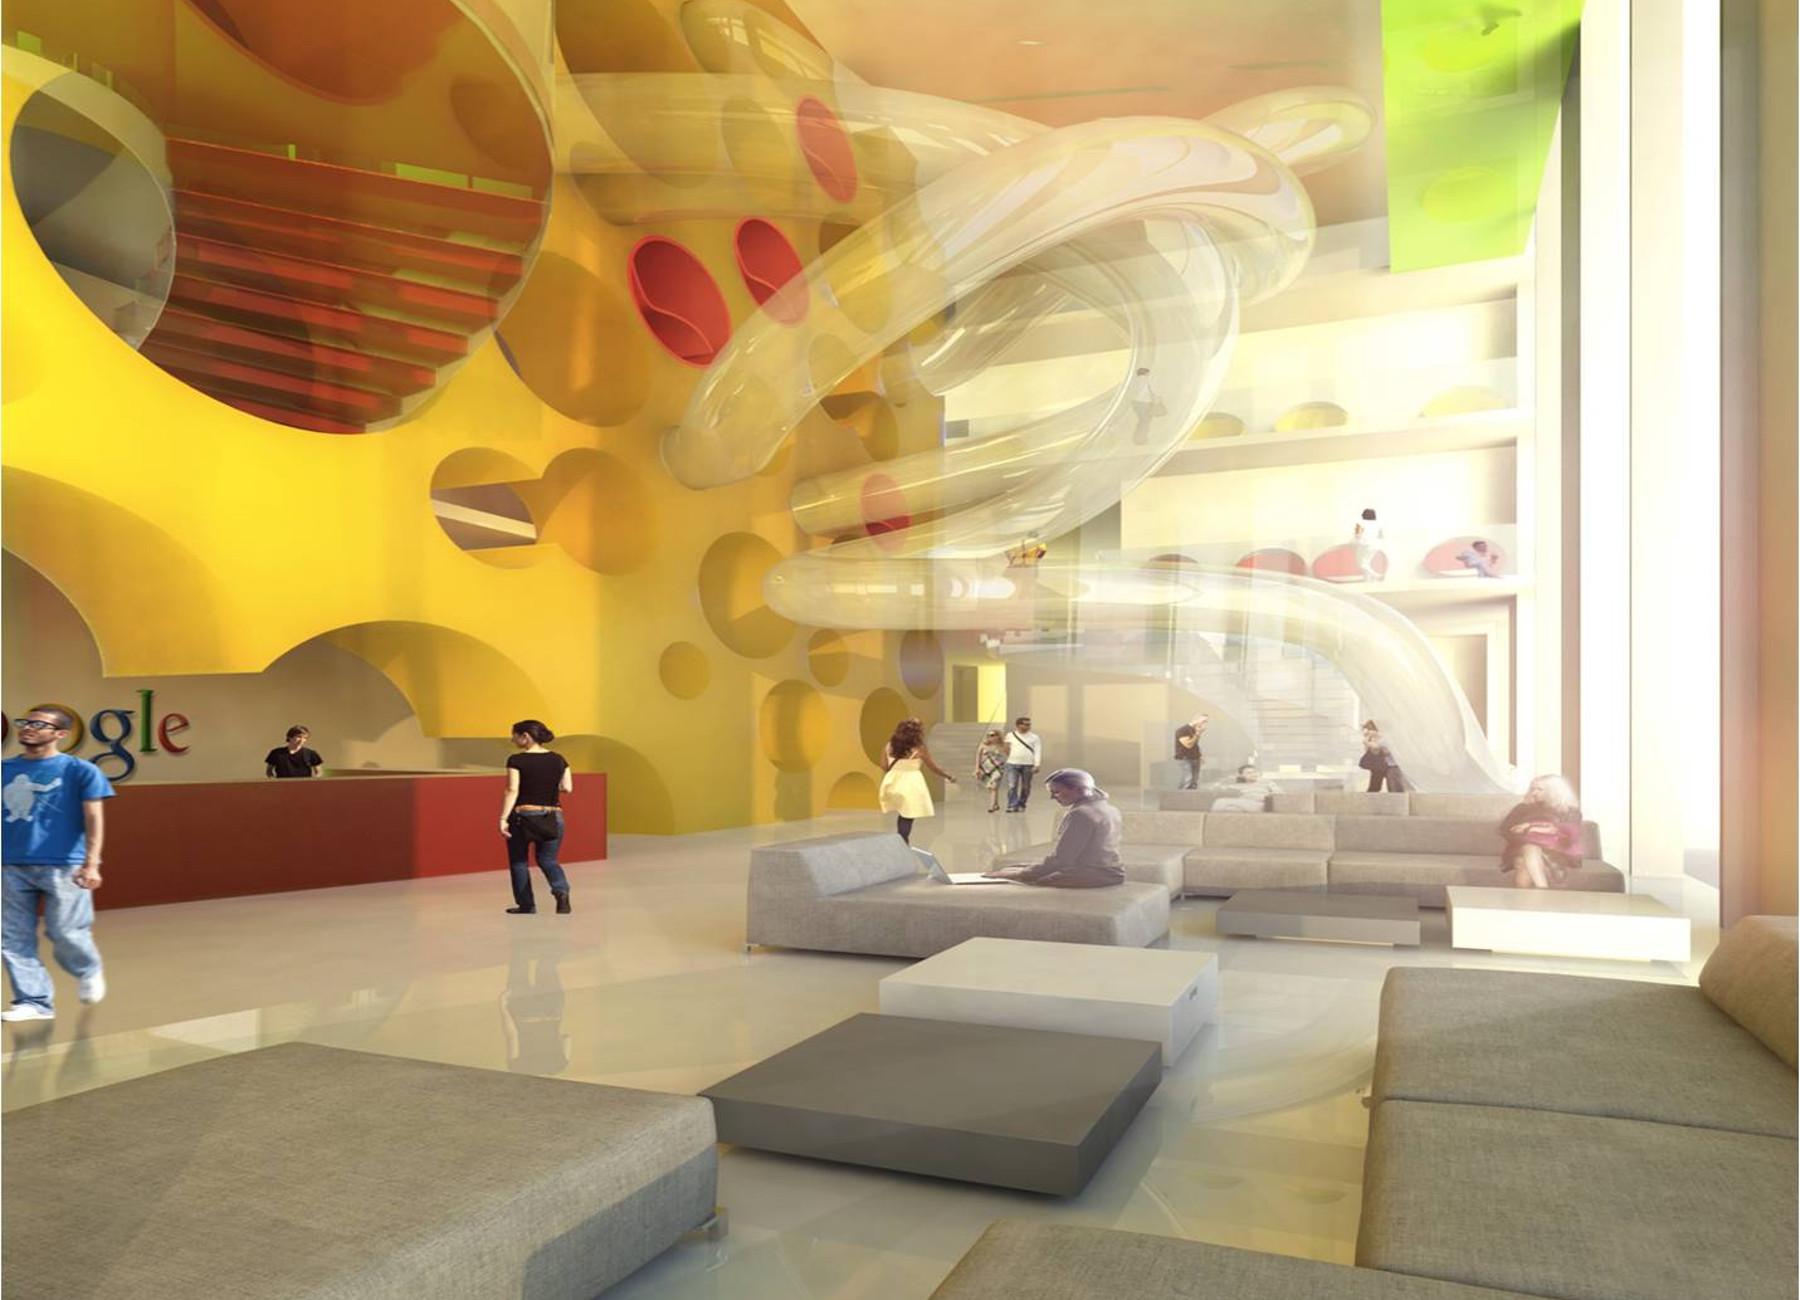 Google Campus Concept - Innen Interiors